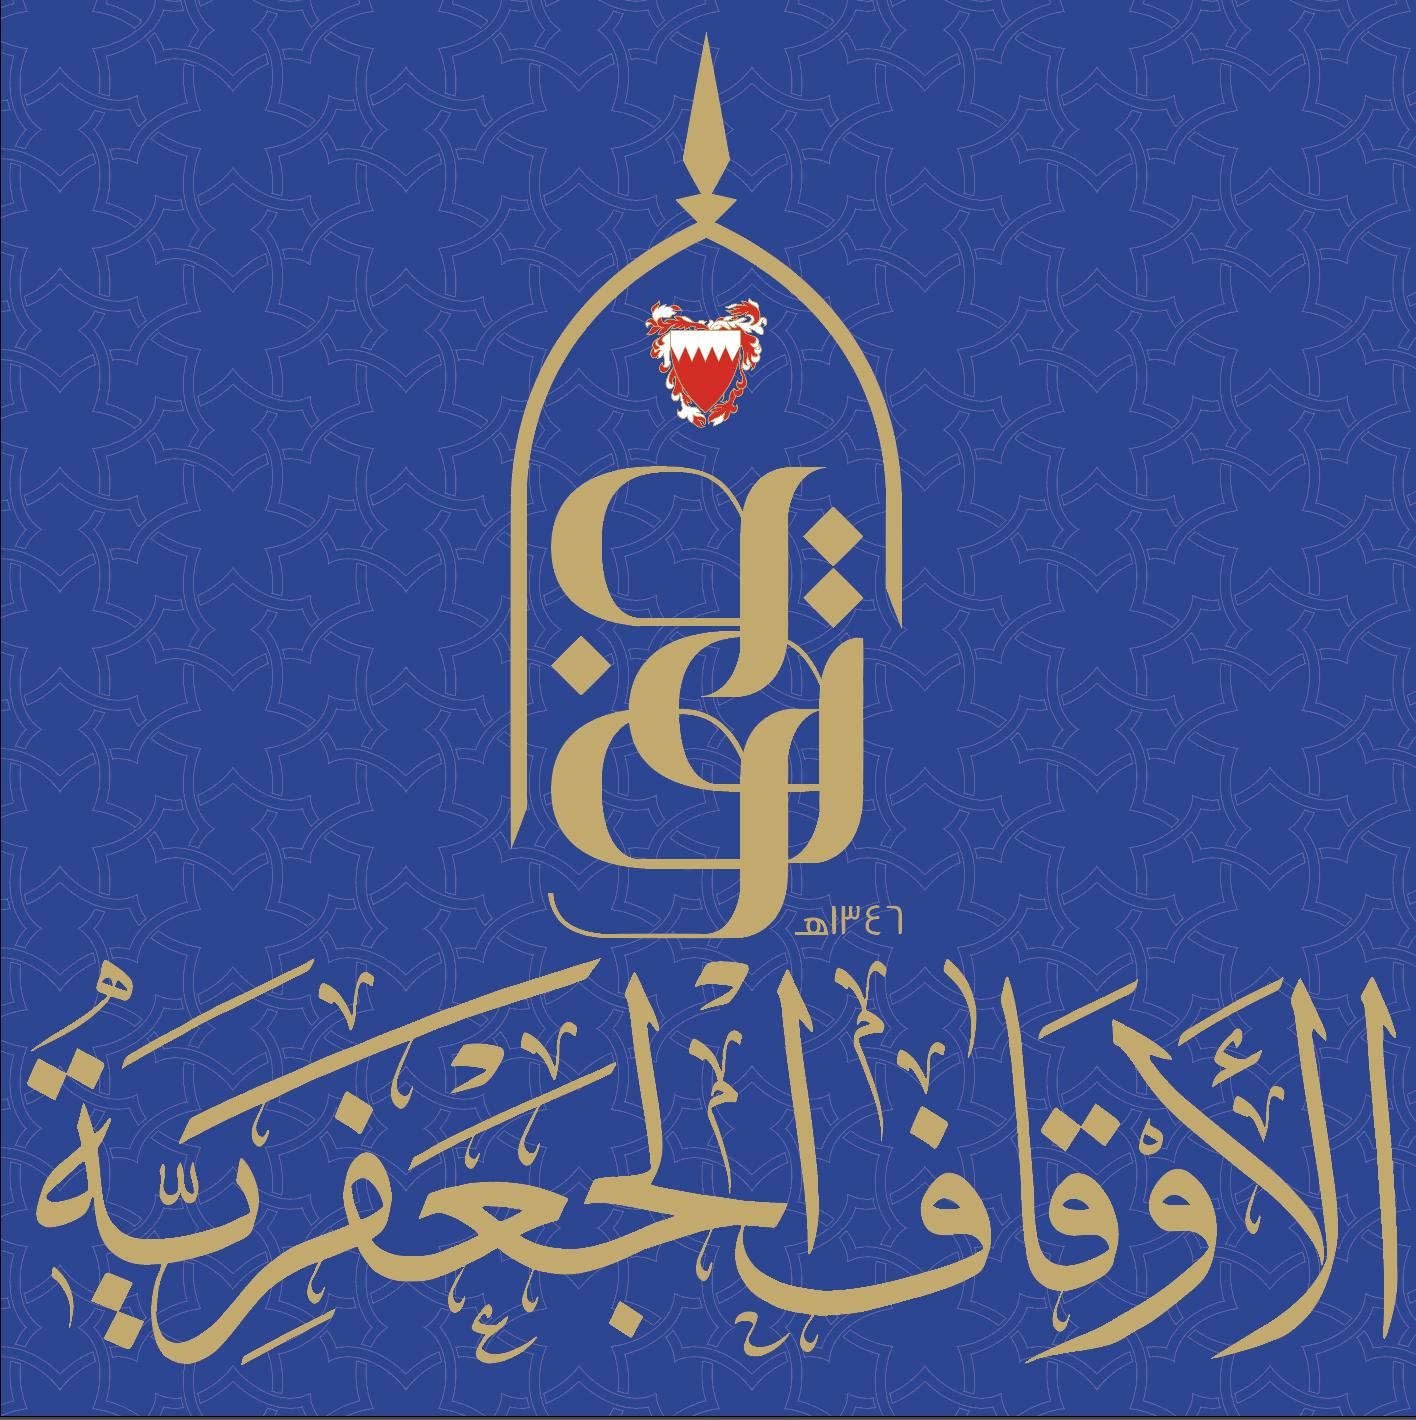 The Jaffaria Waqf Directorate